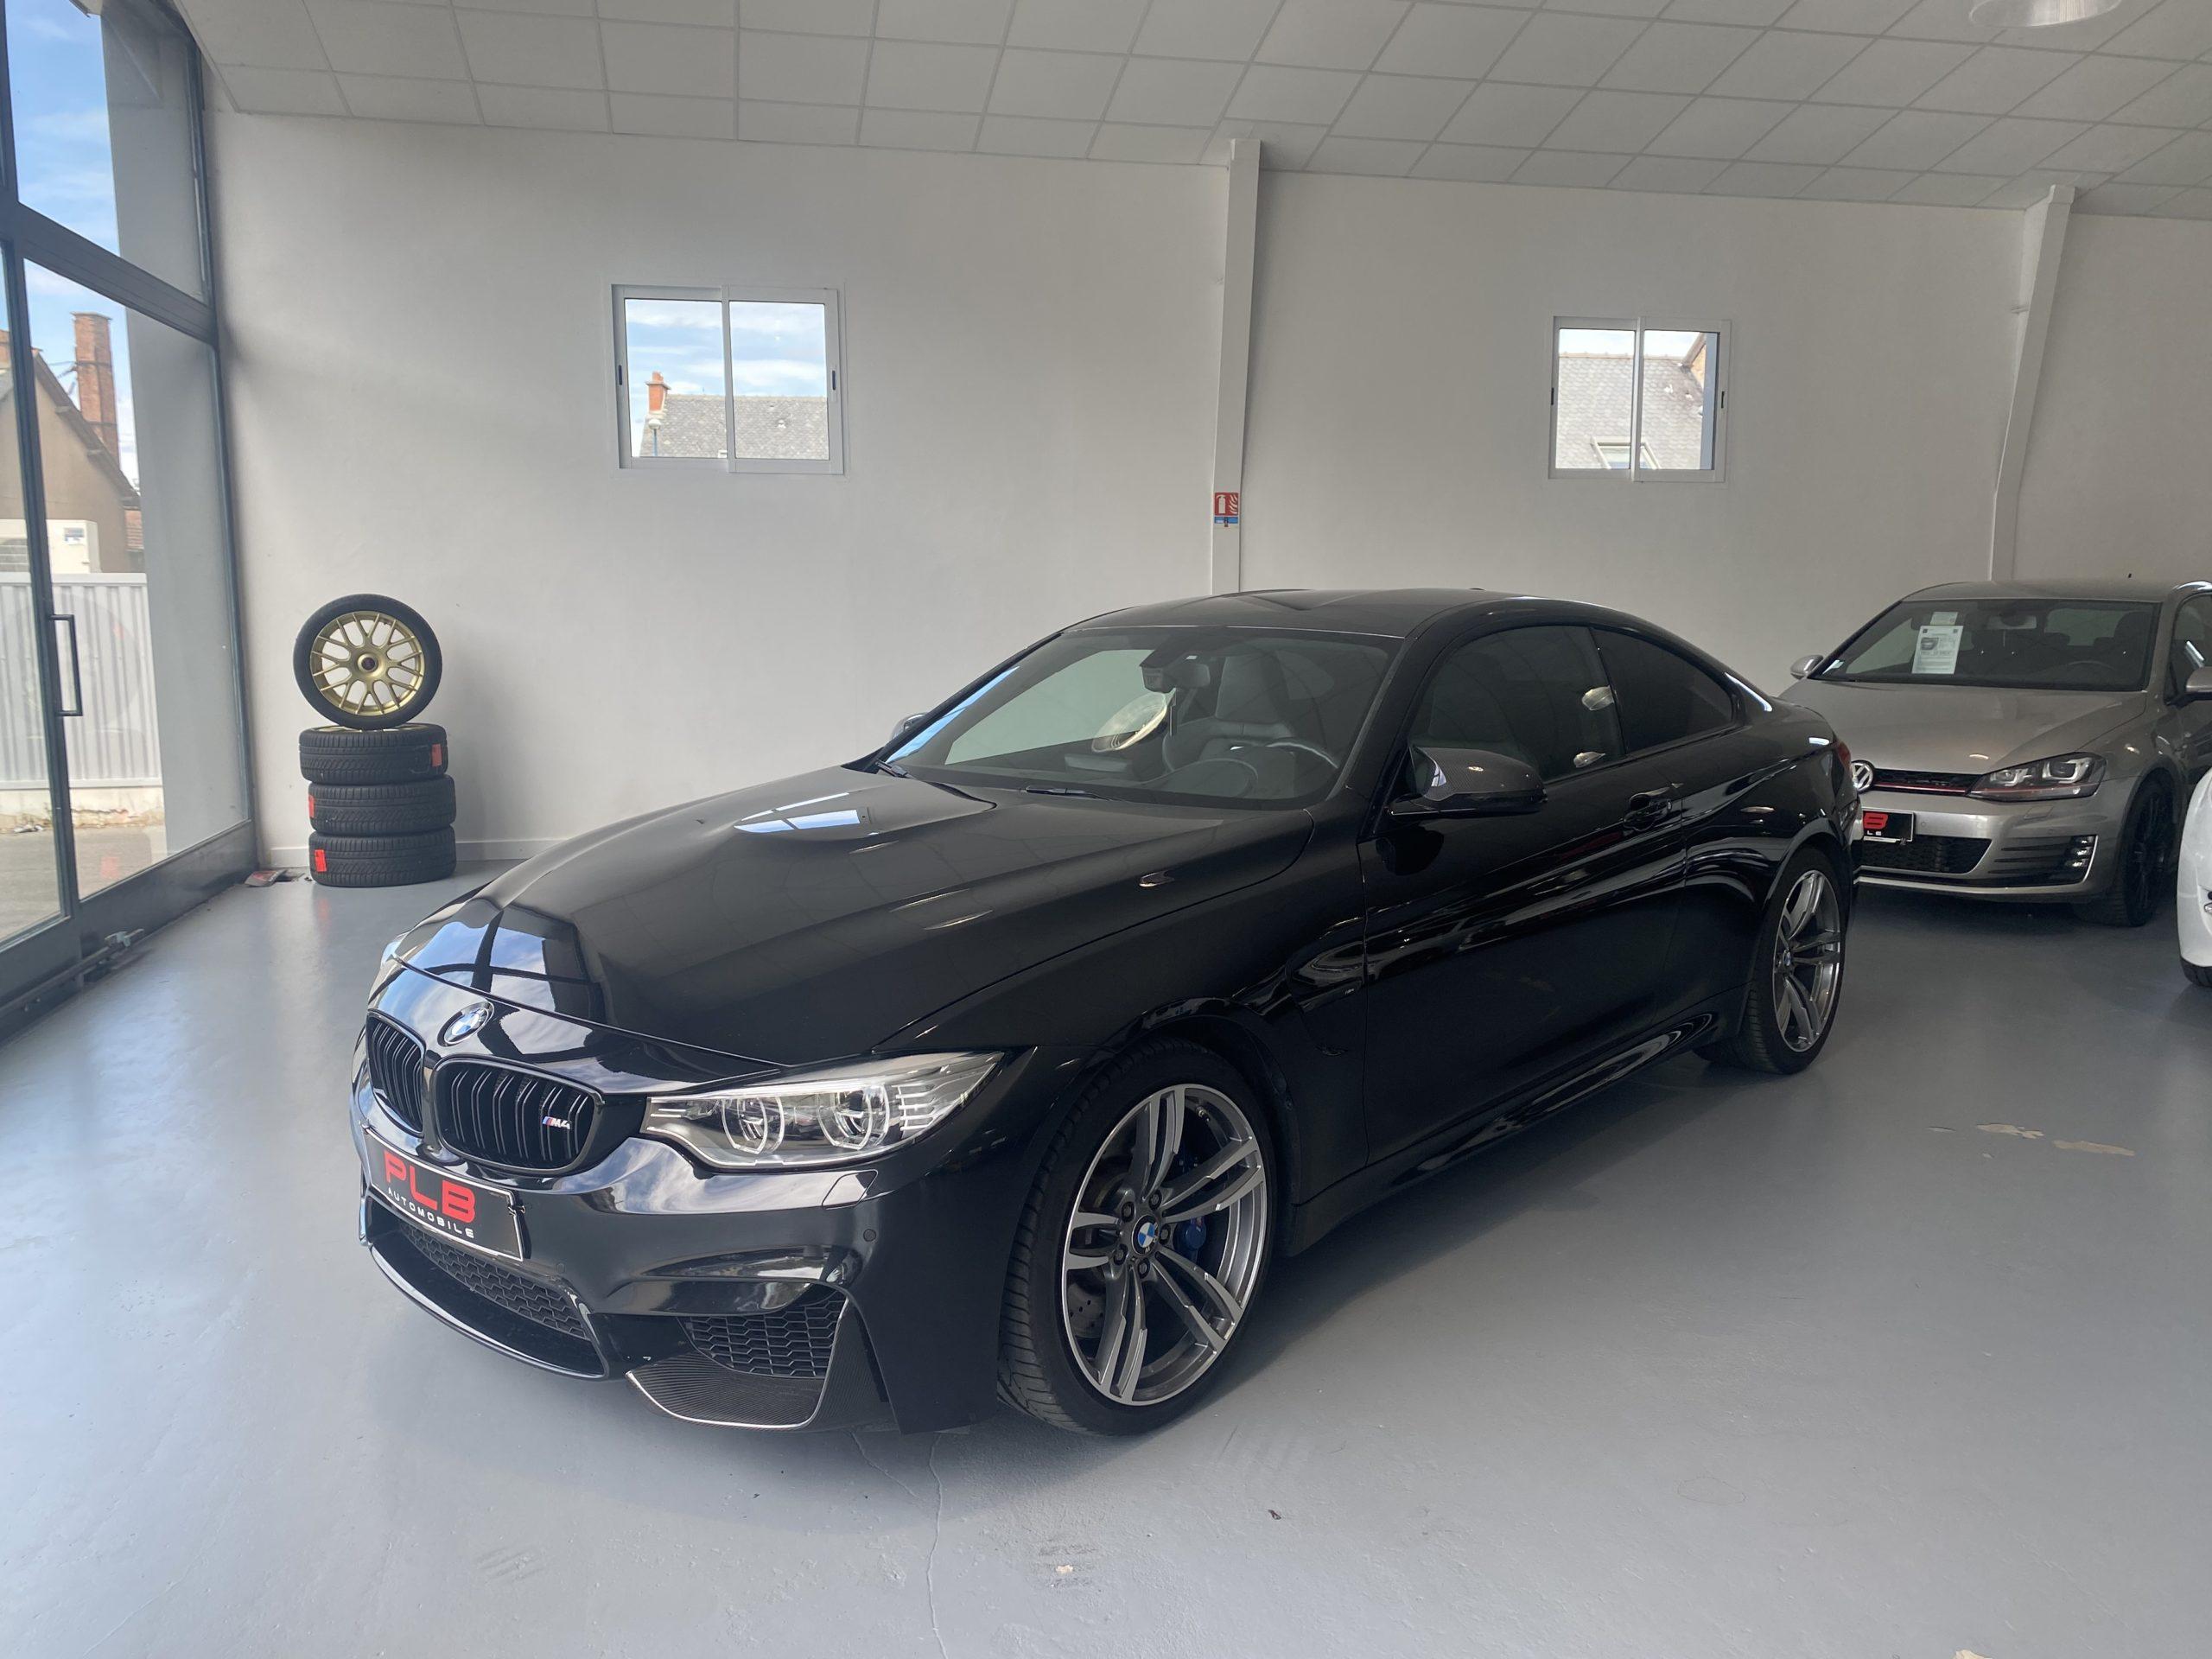 BMW M4 Coupe 3.0 430Cv DKG M Sport / Carbone